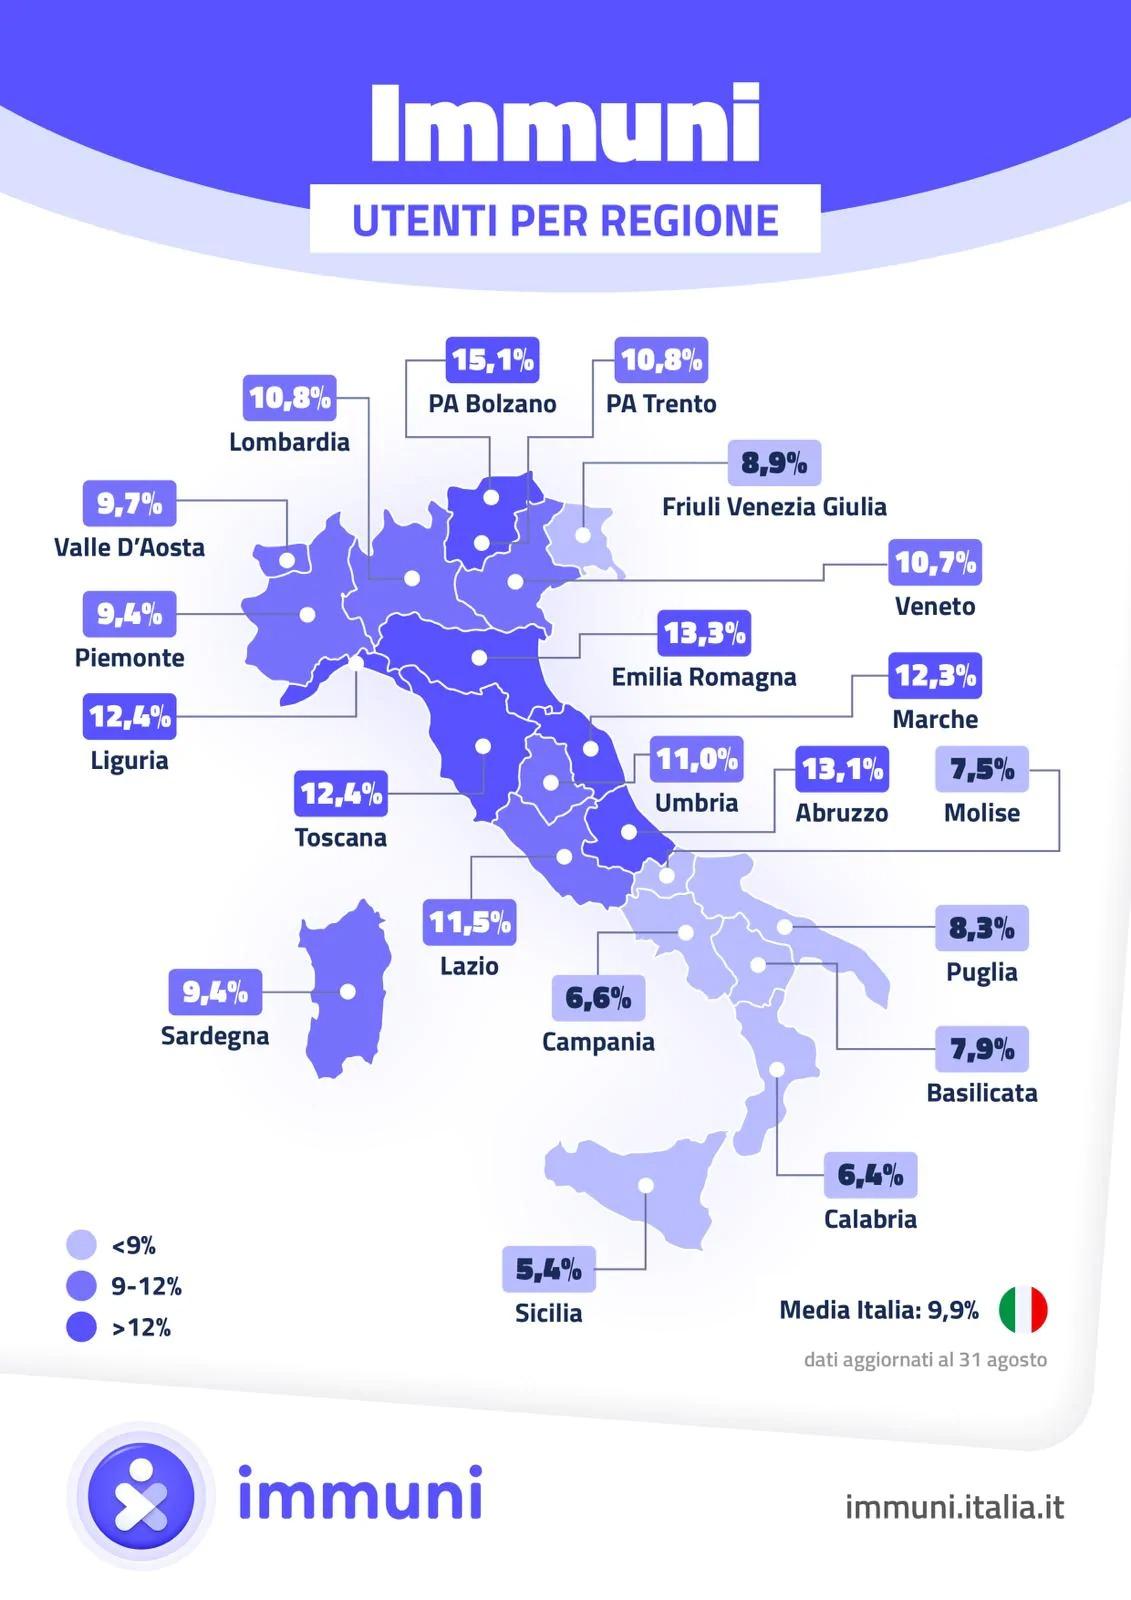 Dove viene più usata Immuni in Italia? Ecco la mappa regione per regione 1